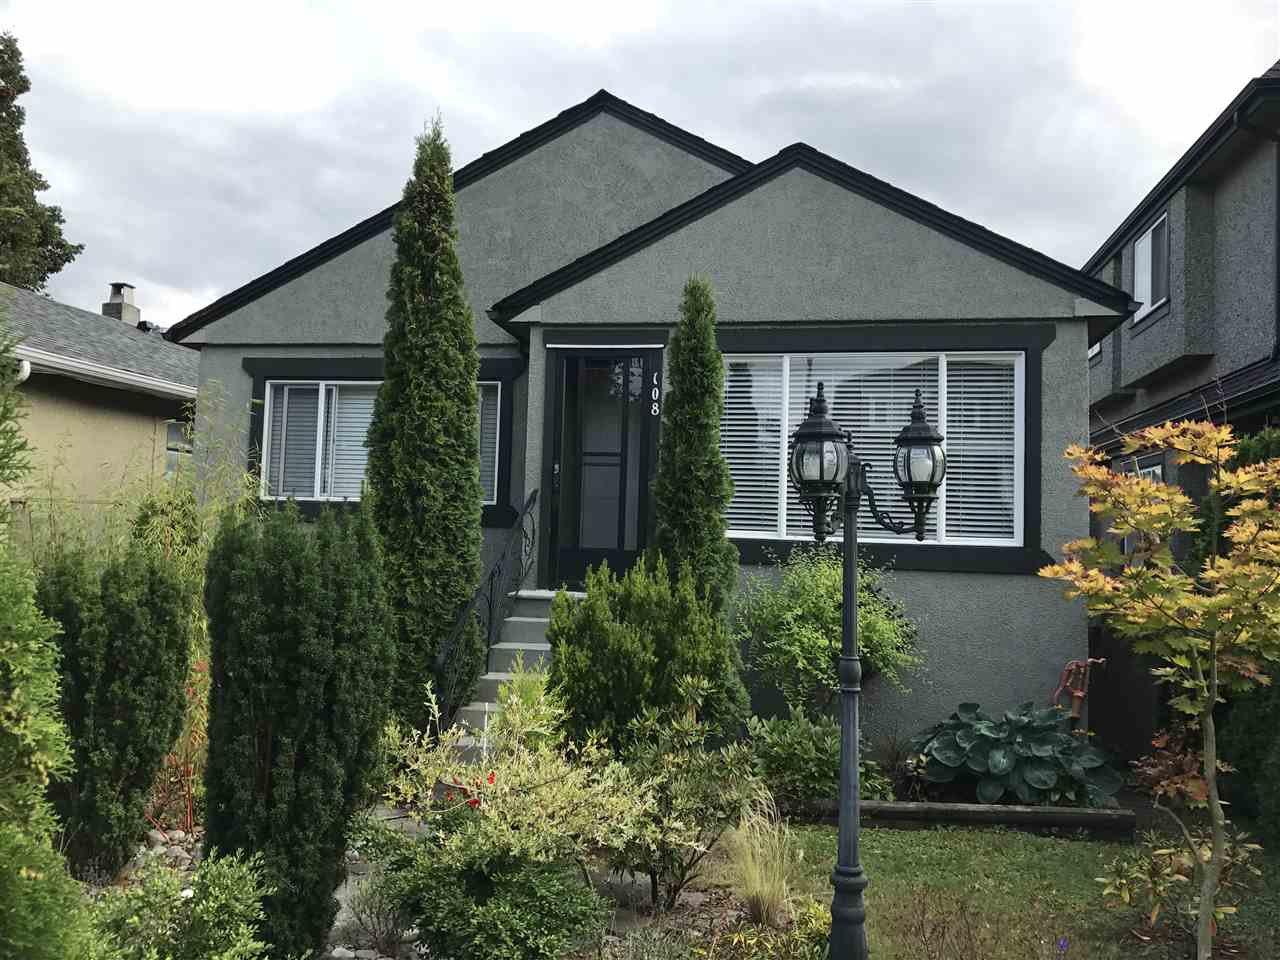 Main Photo: 108 W 45TH AVENUE in : Oakridge VW House for sale : MLS®# R2395956